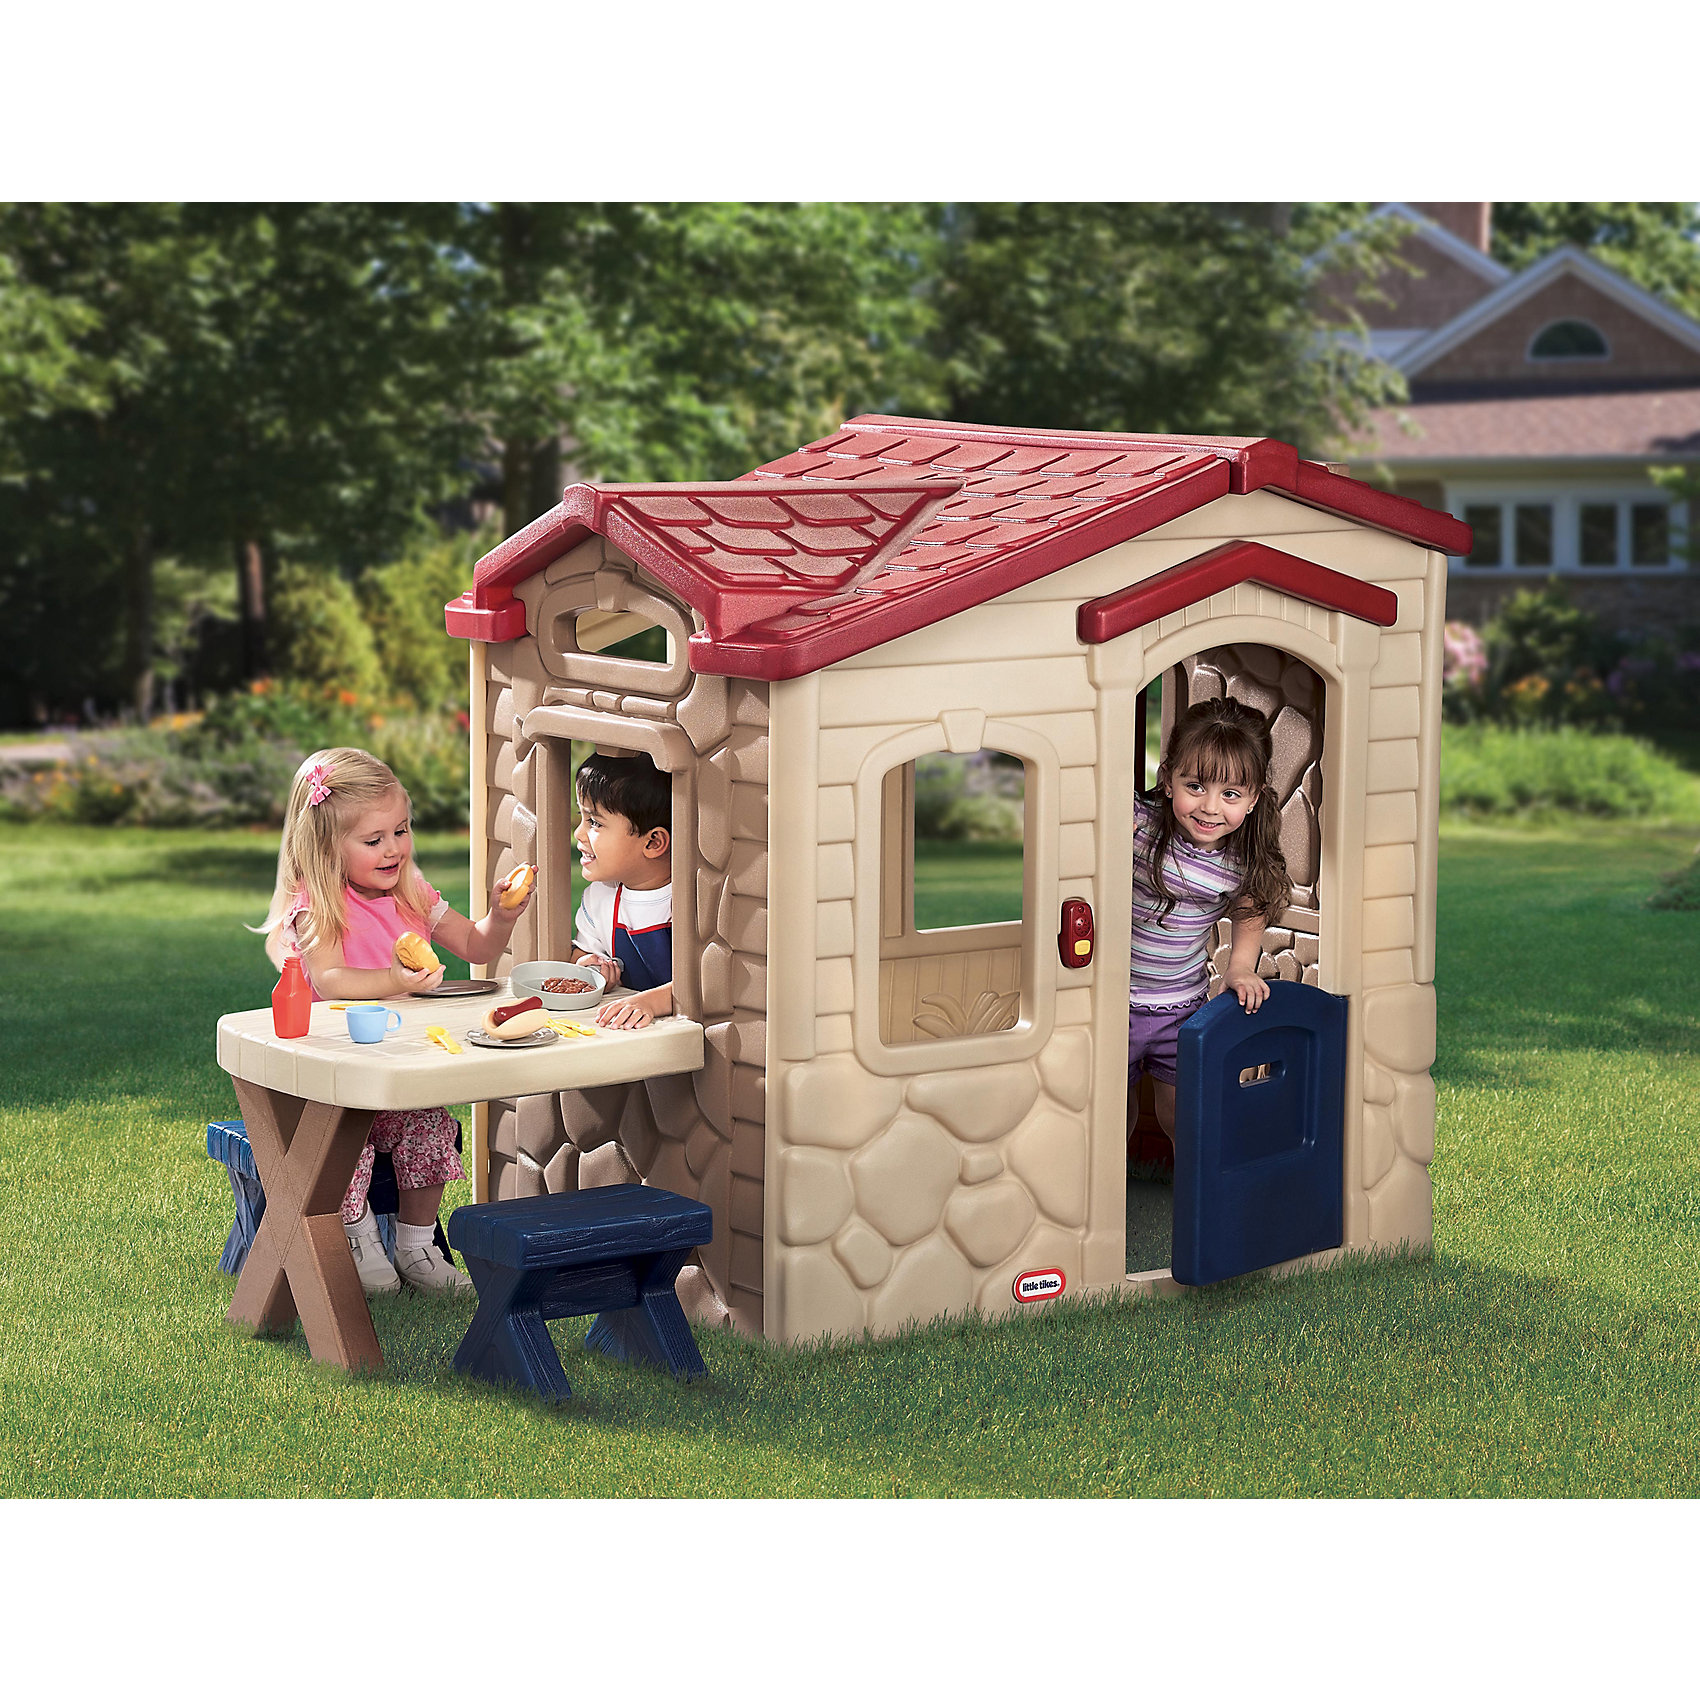 Игровой домик Пикник, Little TikesДомики и мебель<br>У домика есть столик для пикника, угощения можно подавать прямо через расположенное над ним окошко, в комплекте 2 стульчика, посуда, аксессуары, имитирующие еду. У домика есть дверной звонок с 6-ю различными мелодиями <br>(батарейки не входят в комплект). Для детей 2-5 лет. Размеры домика в собранном виде: 186 х 94 х 121 см (д, ш, в). Размеры упаковки: 113 х 40 х 122 см. Вес упаковки: 35,85 кг. Объем упаковки: 0,56м3.<br><br>Ширина мм: 410<br>Глубина мм: 1150<br>Высота мм: 1200<br>Вес г: 33000<br>Возраст от месяцев: 24<br>Возраст до месяцев: 60<br>Пол: Унисекс<br>Возраст: Детский<br>SKU: 6853716